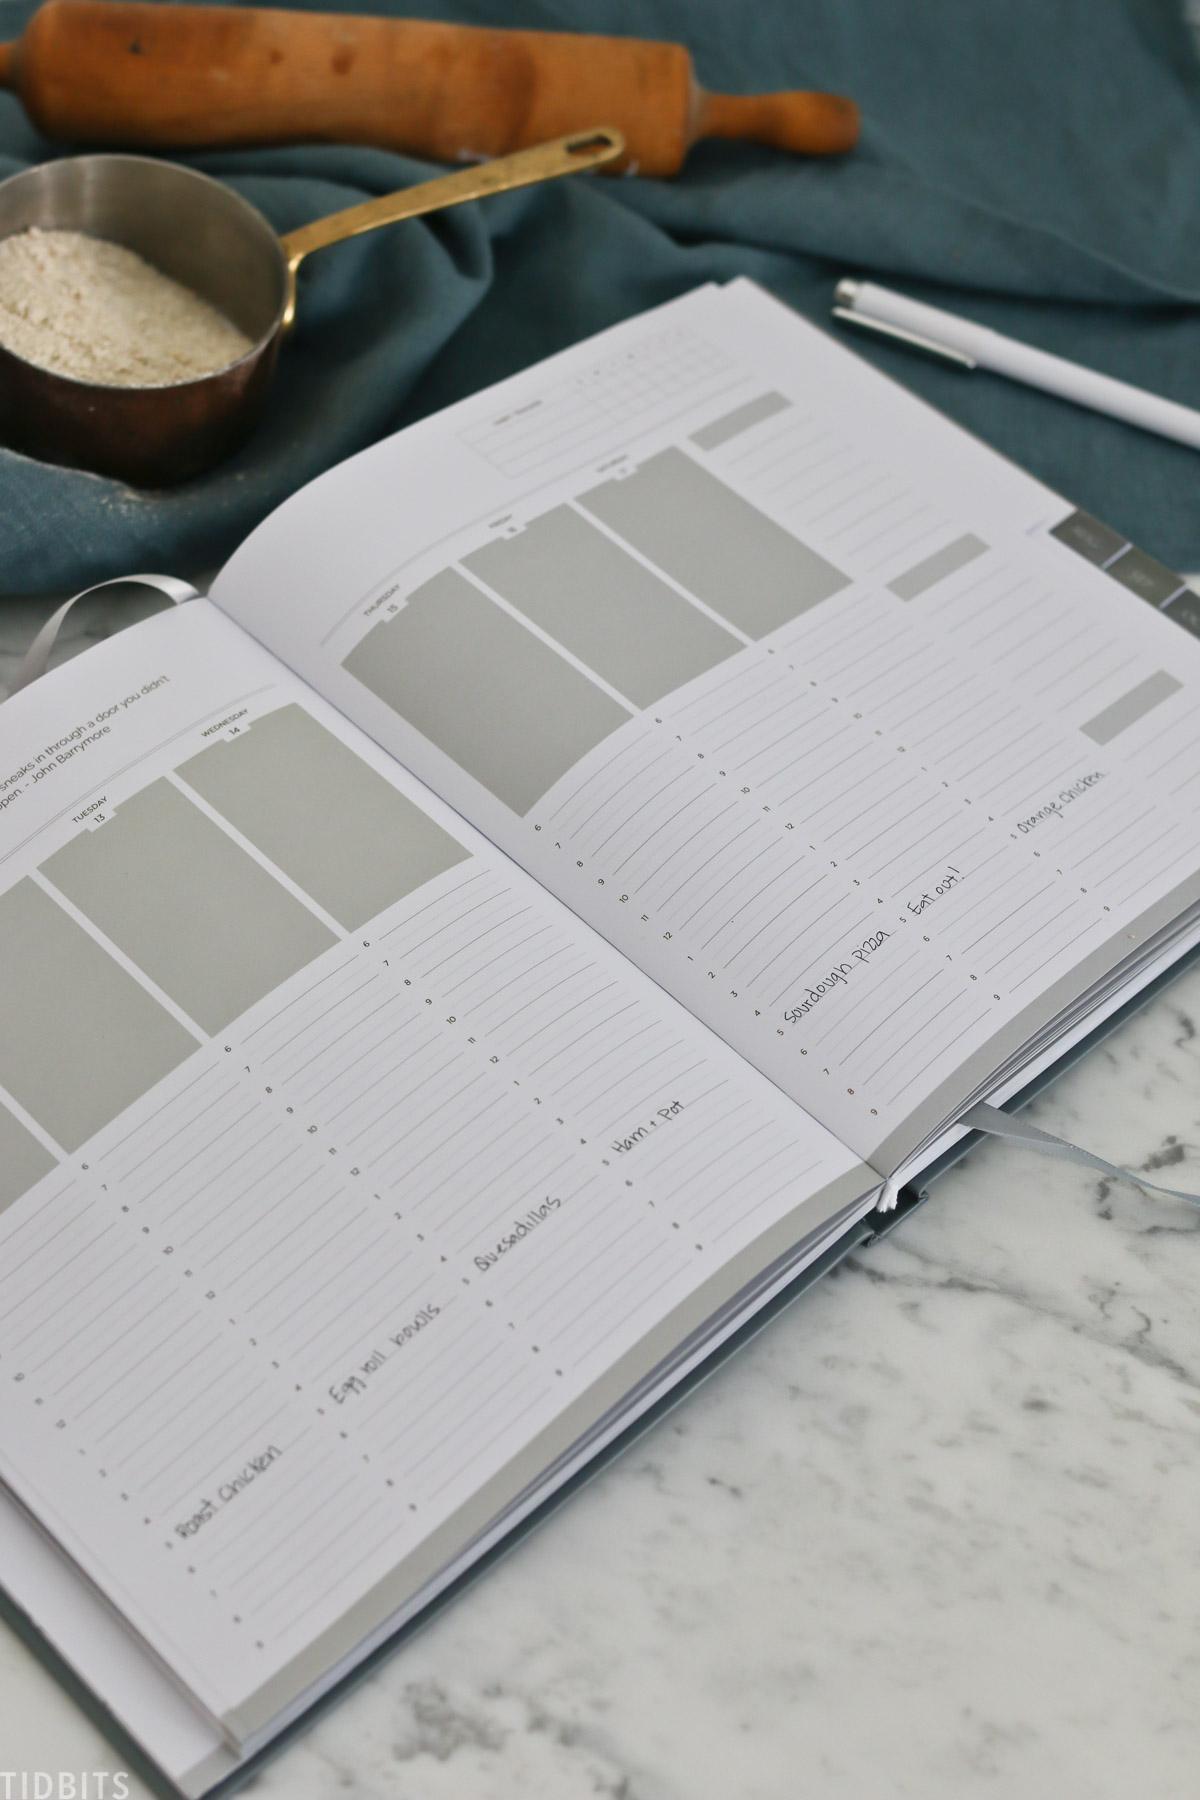 dinner time menu planning inside your planner